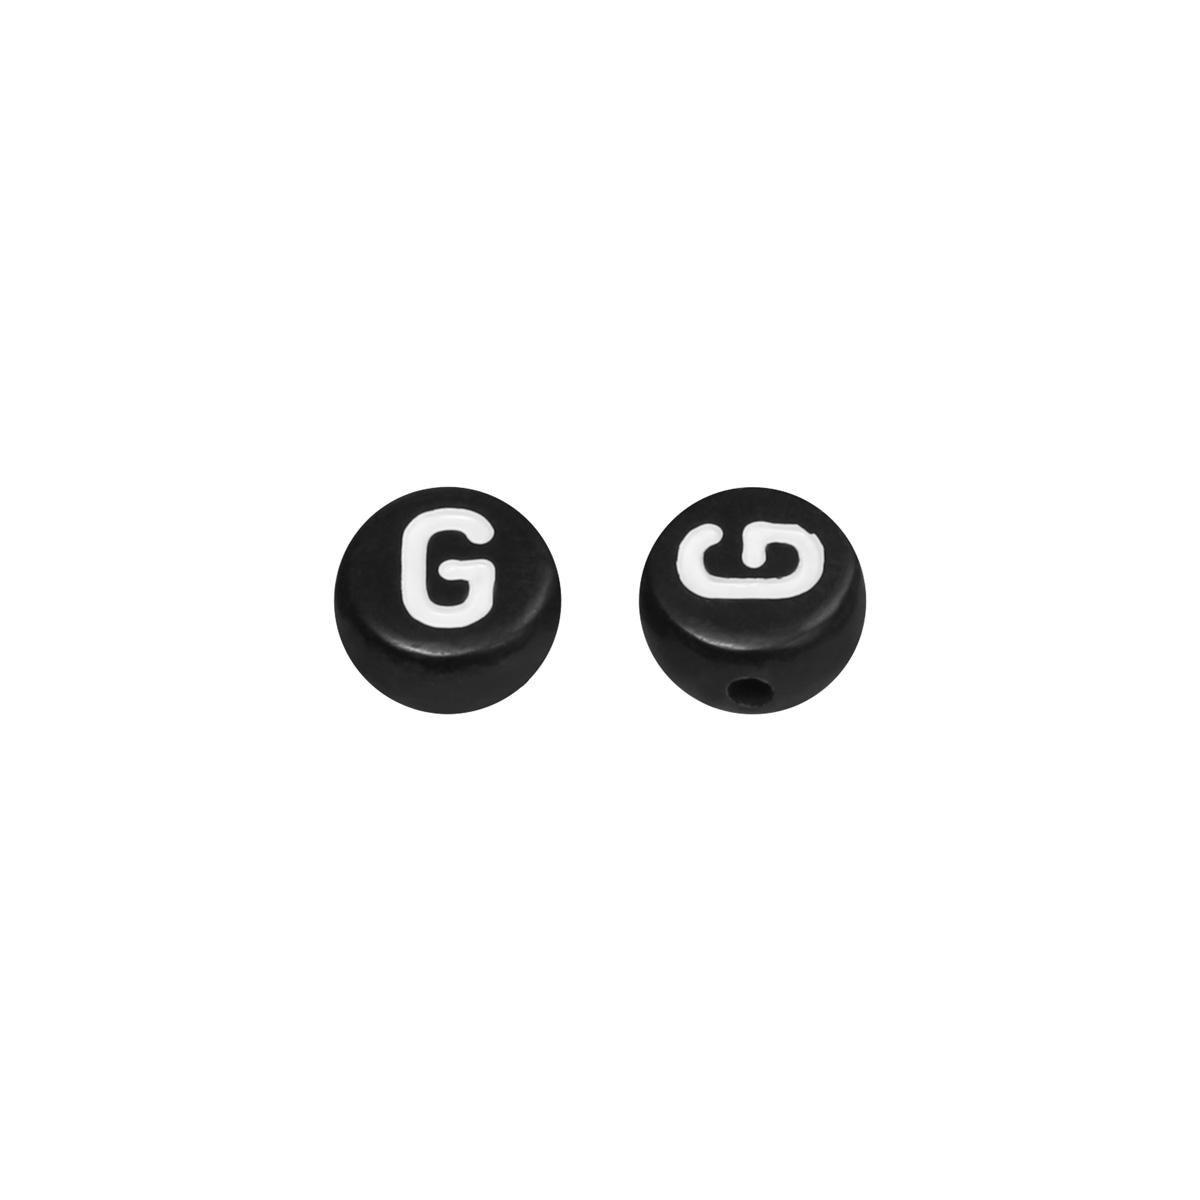 DIY Flat Beads Letter G - 7MM